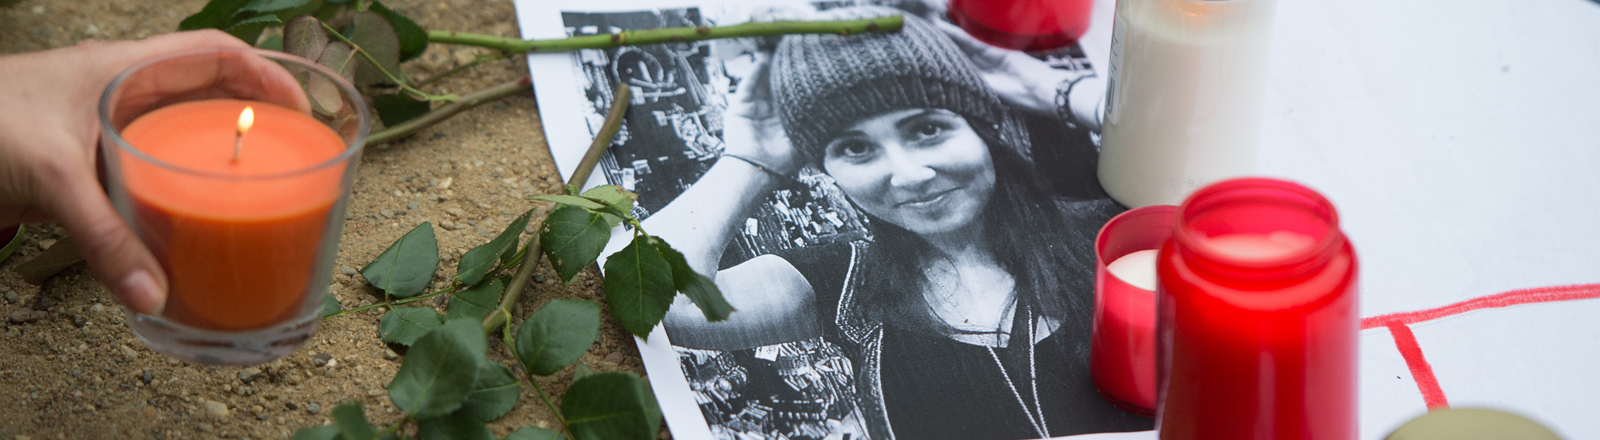 """Demonstranten haben am 30.11.2014 in Berlin bei einer Kundgebung Plakate mit der Aufschrift """"Unsere Heldin Tugce"""" sowie Bilder und Kerzen zum Gedenken an die Studentin abgelegt."""